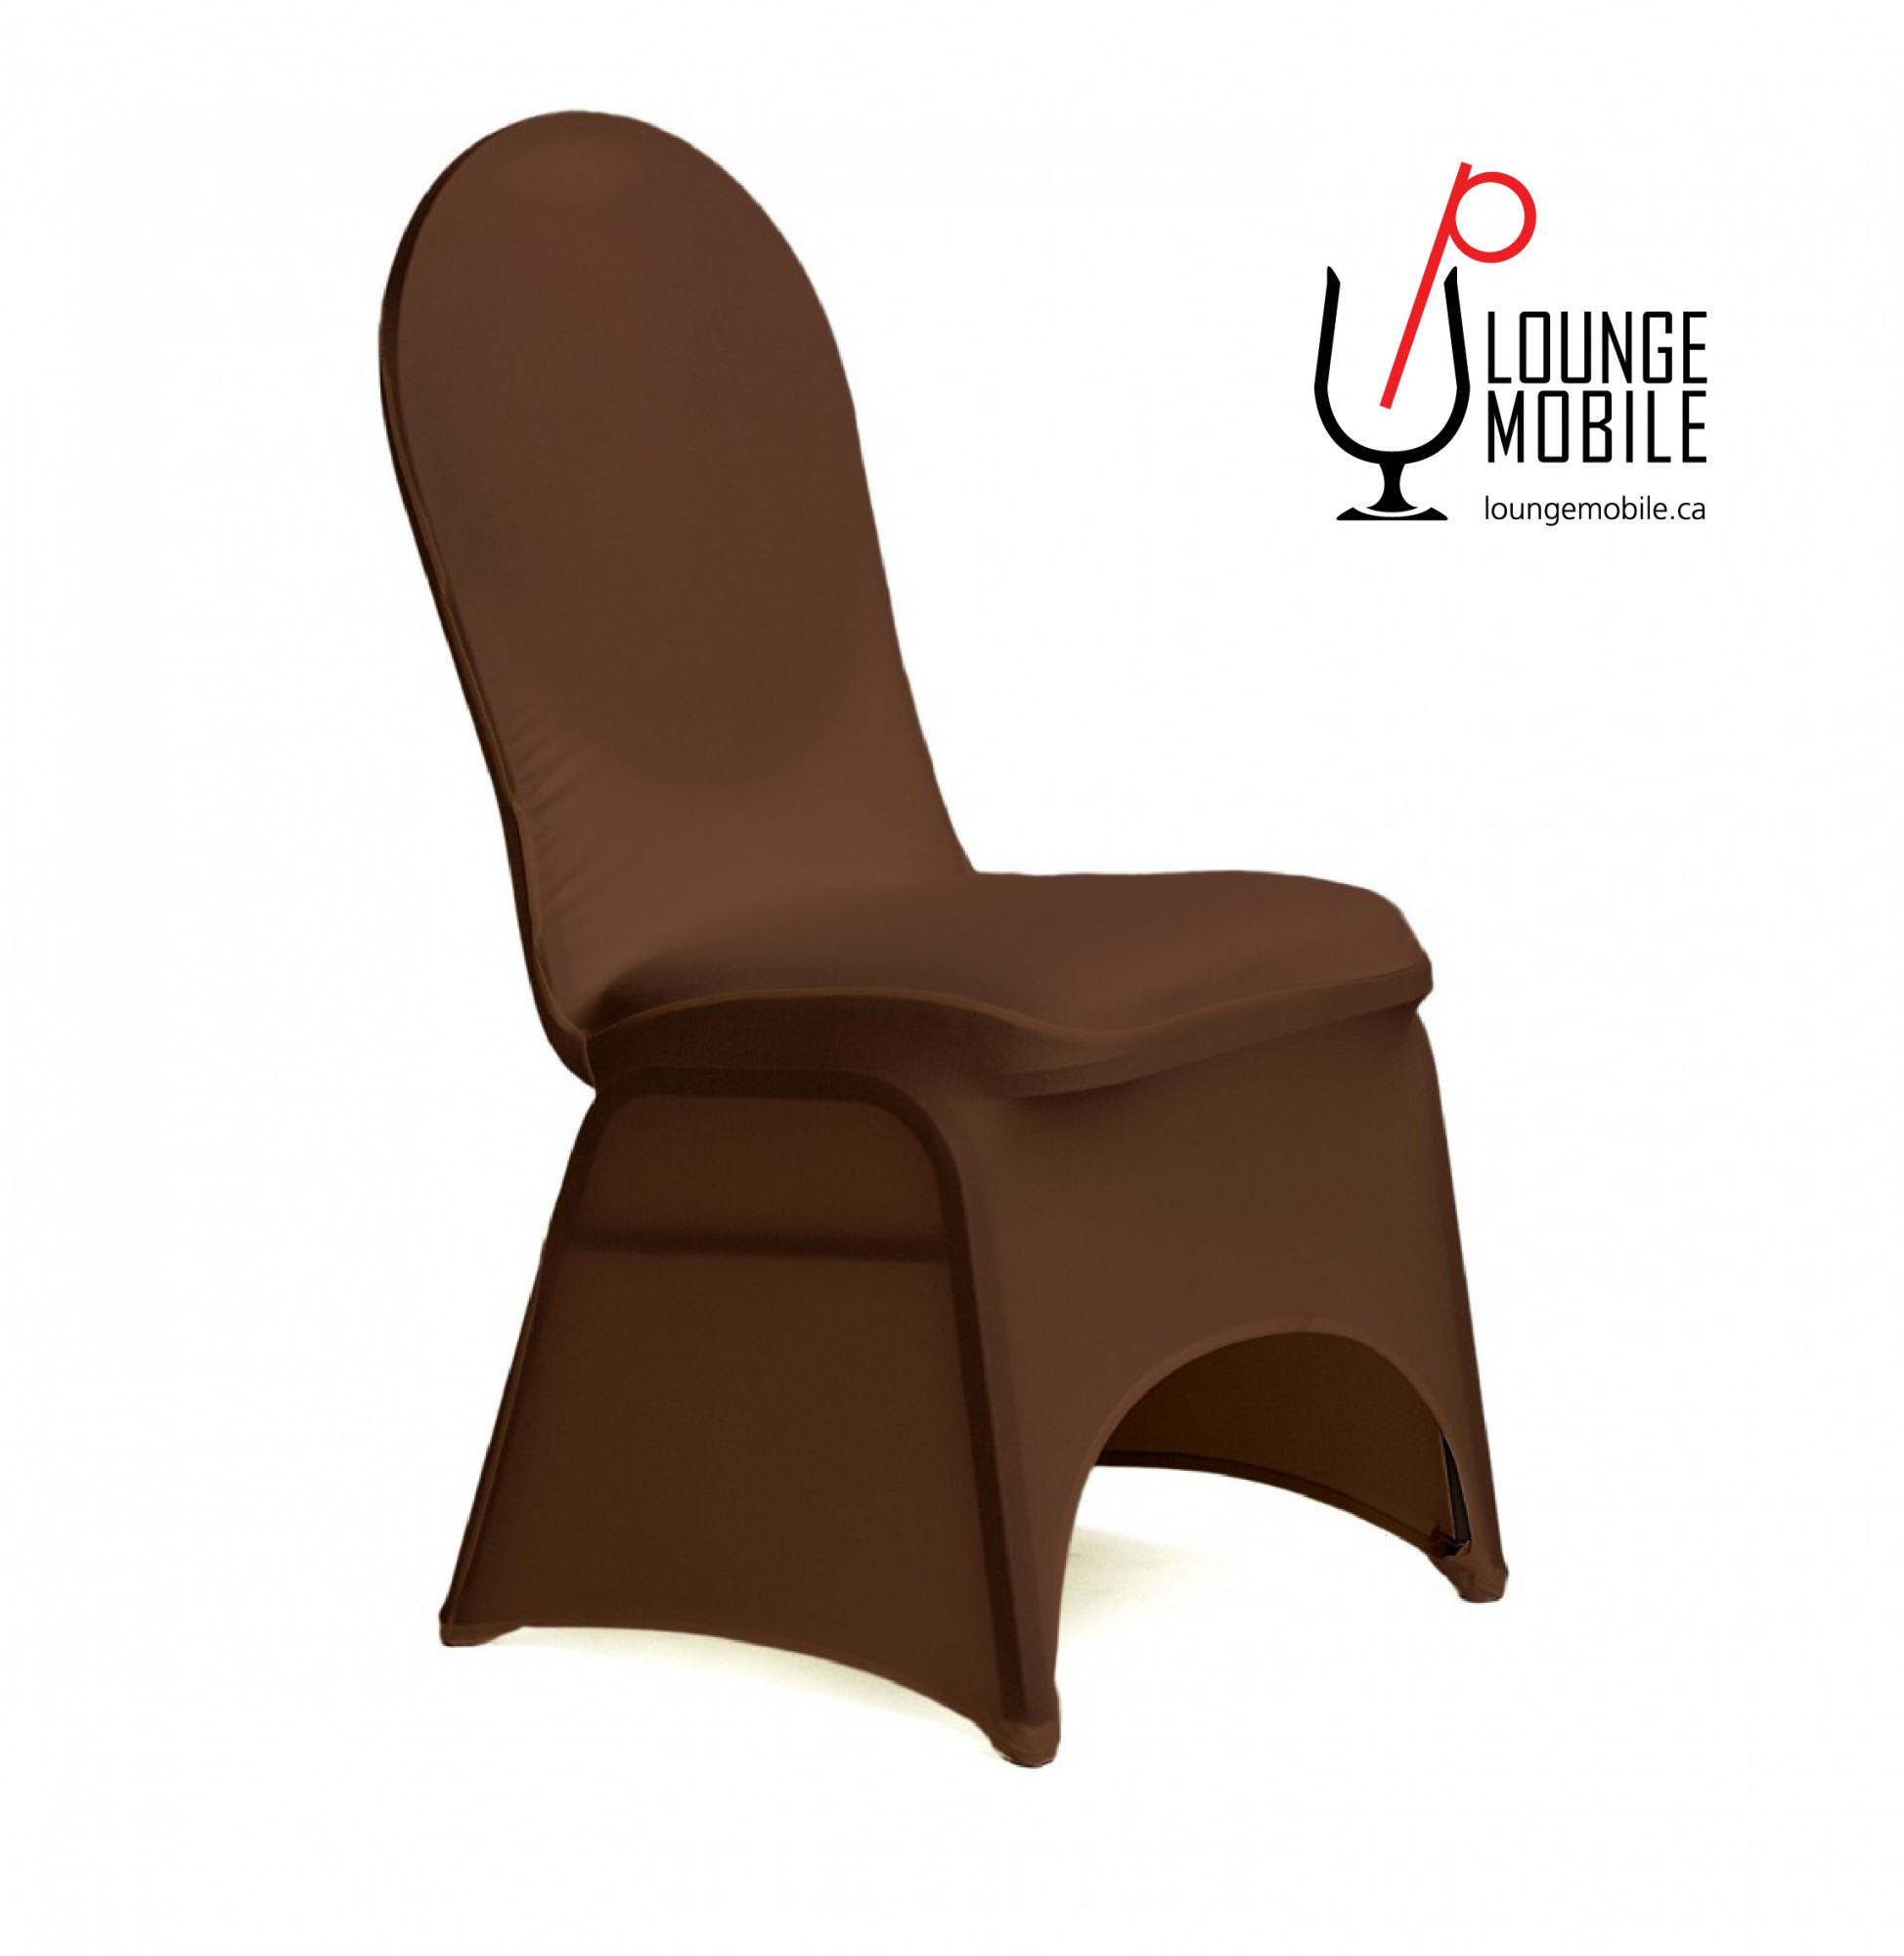 Housse de chaise lycra chocolat housses de chaises les for Housse chaise lycra